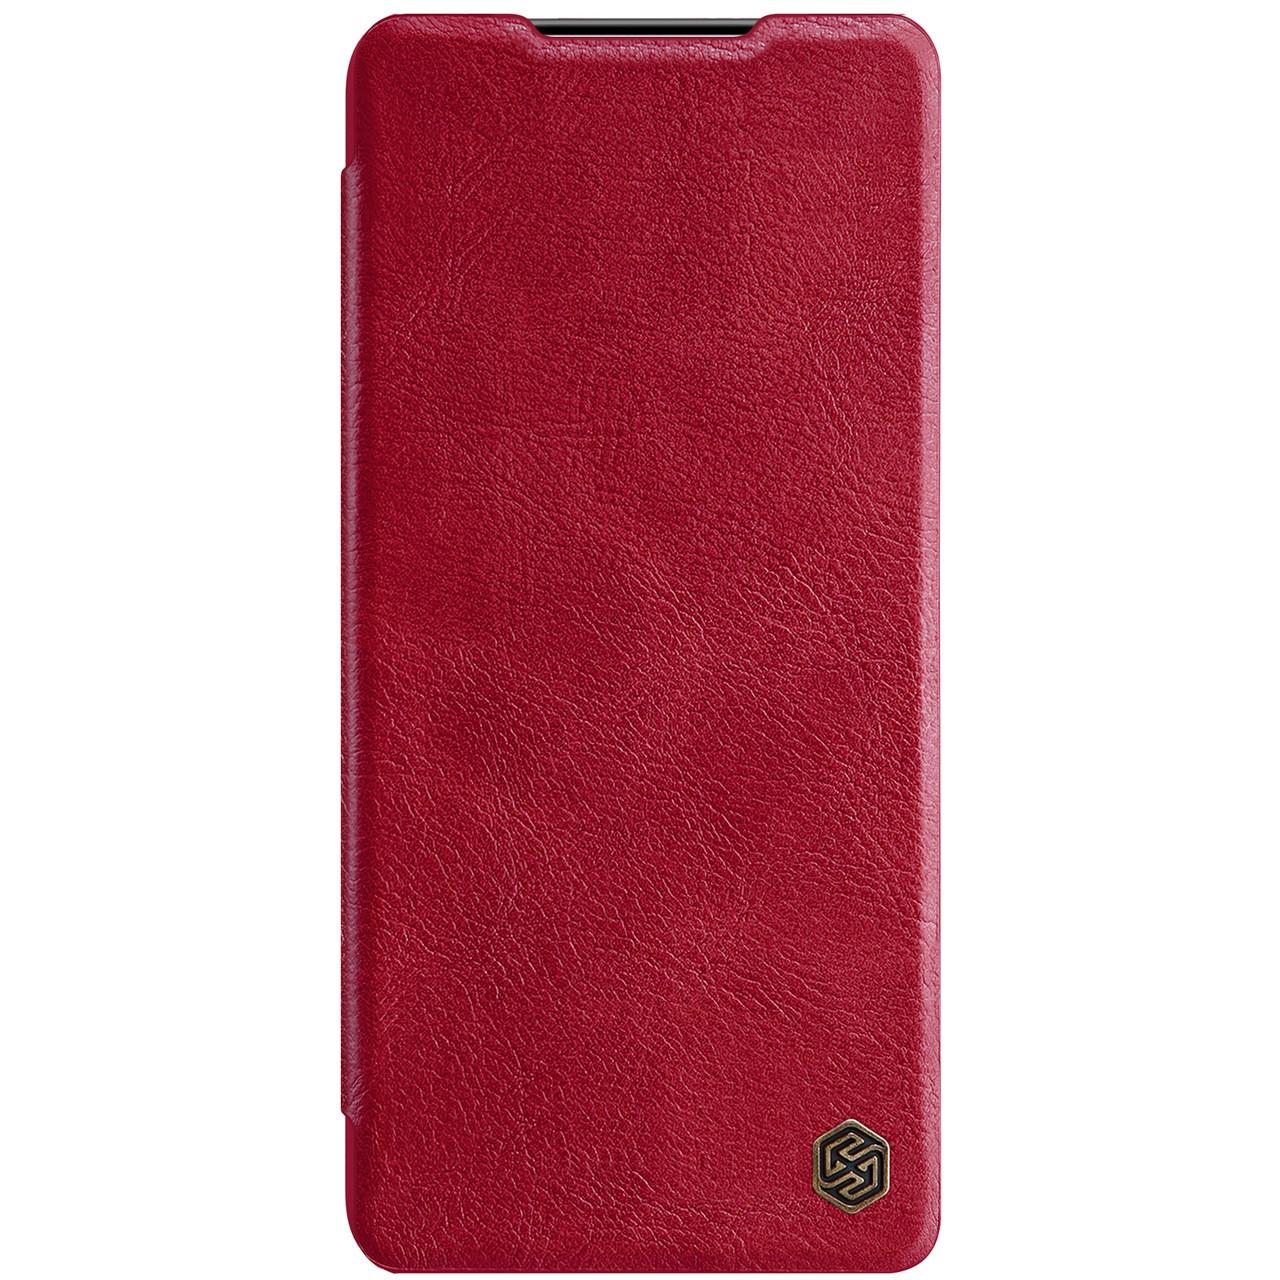 Захисний чохол-книжка Nillkin для Samsung Galaxy S21+ Qin leather case Red Червоний